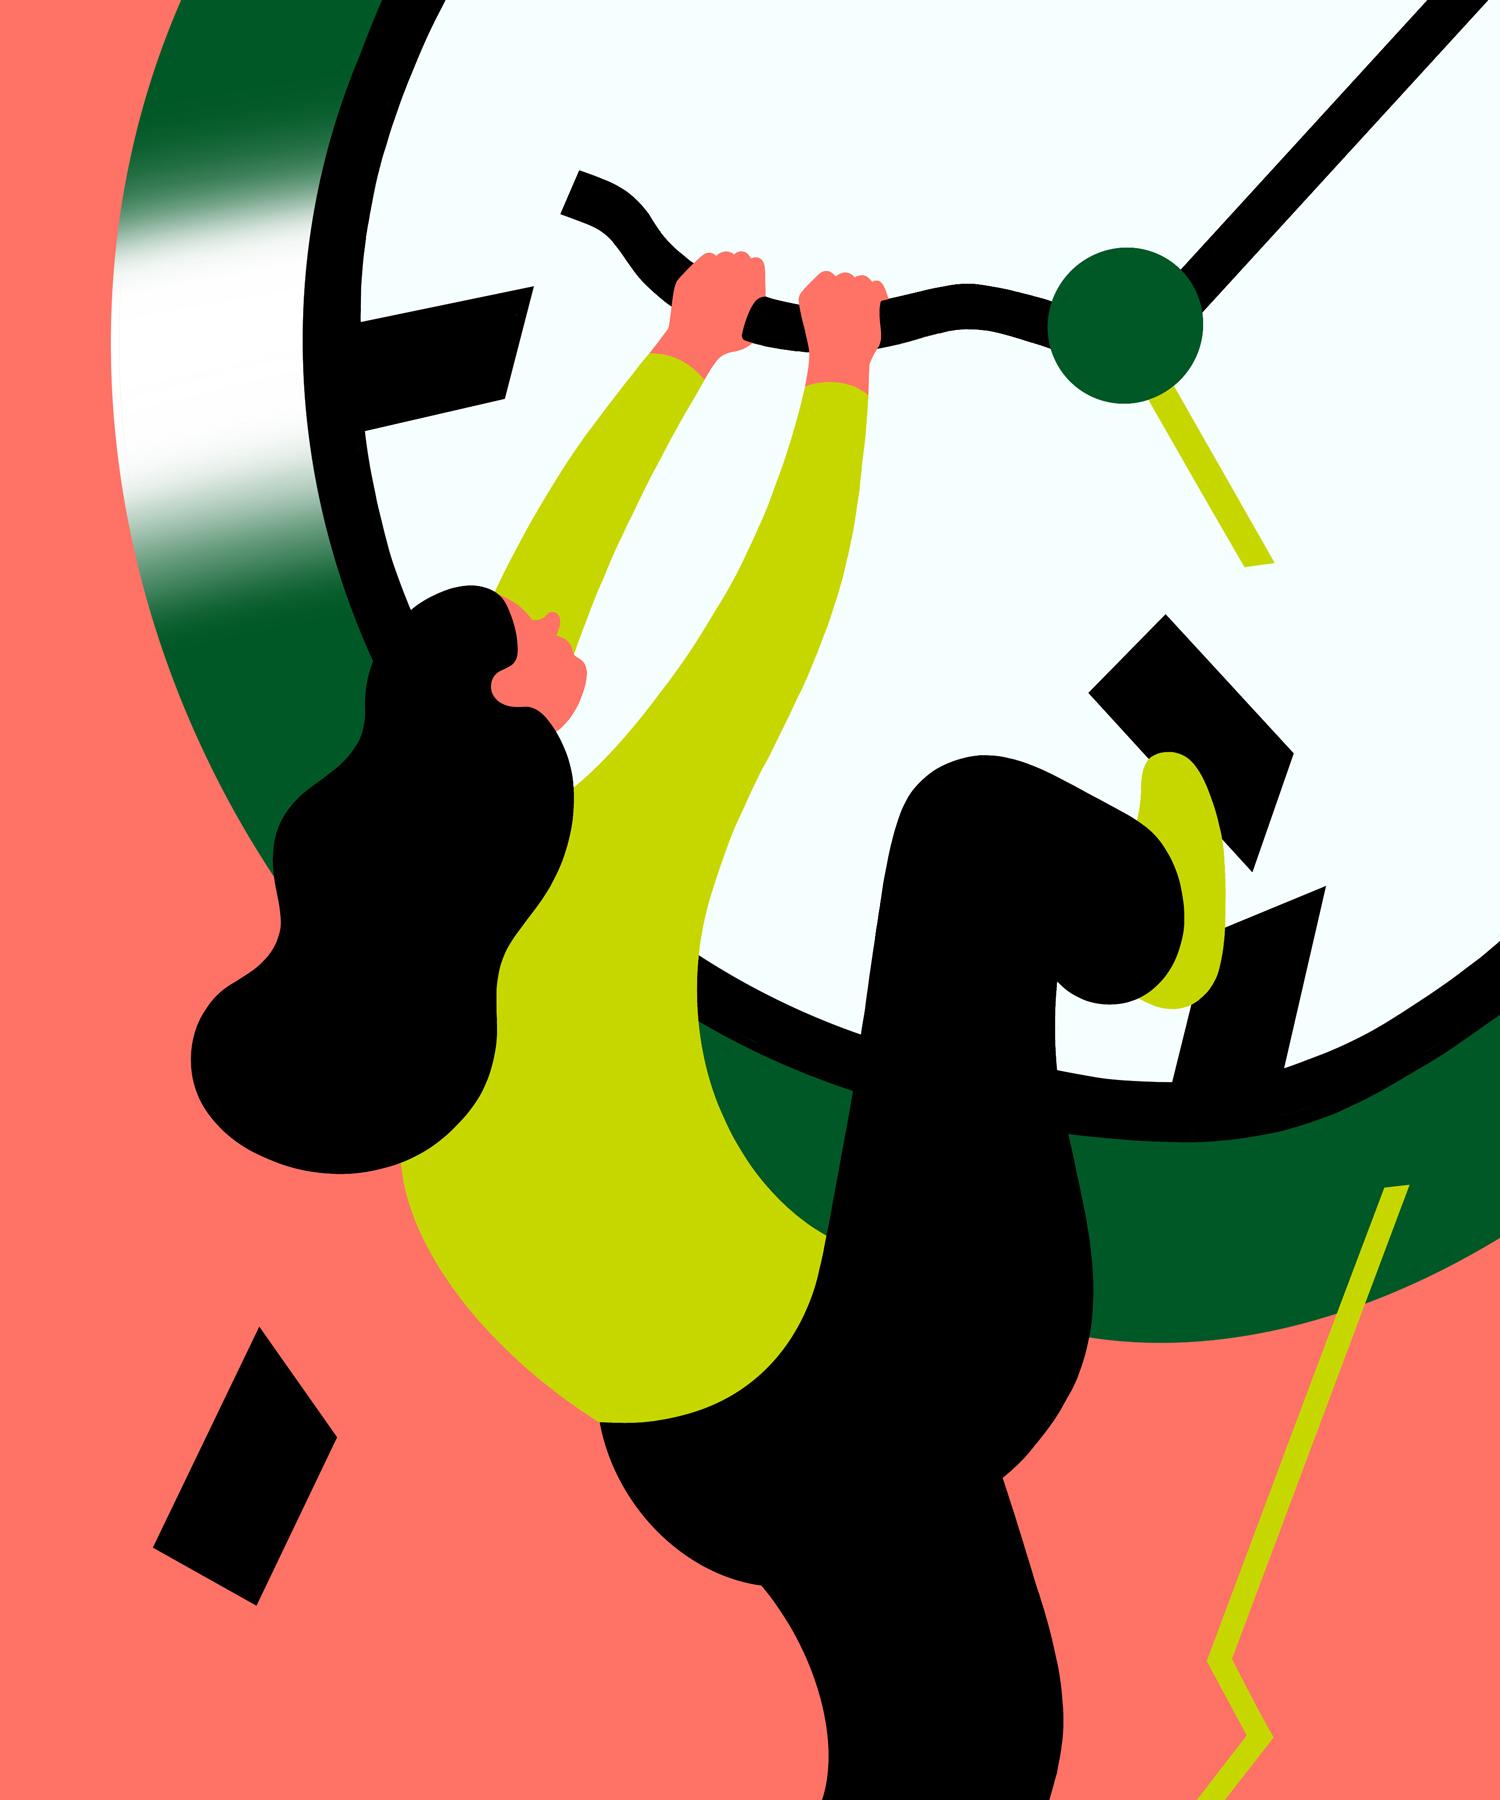 break_time_web_lisategtmeier.jpg